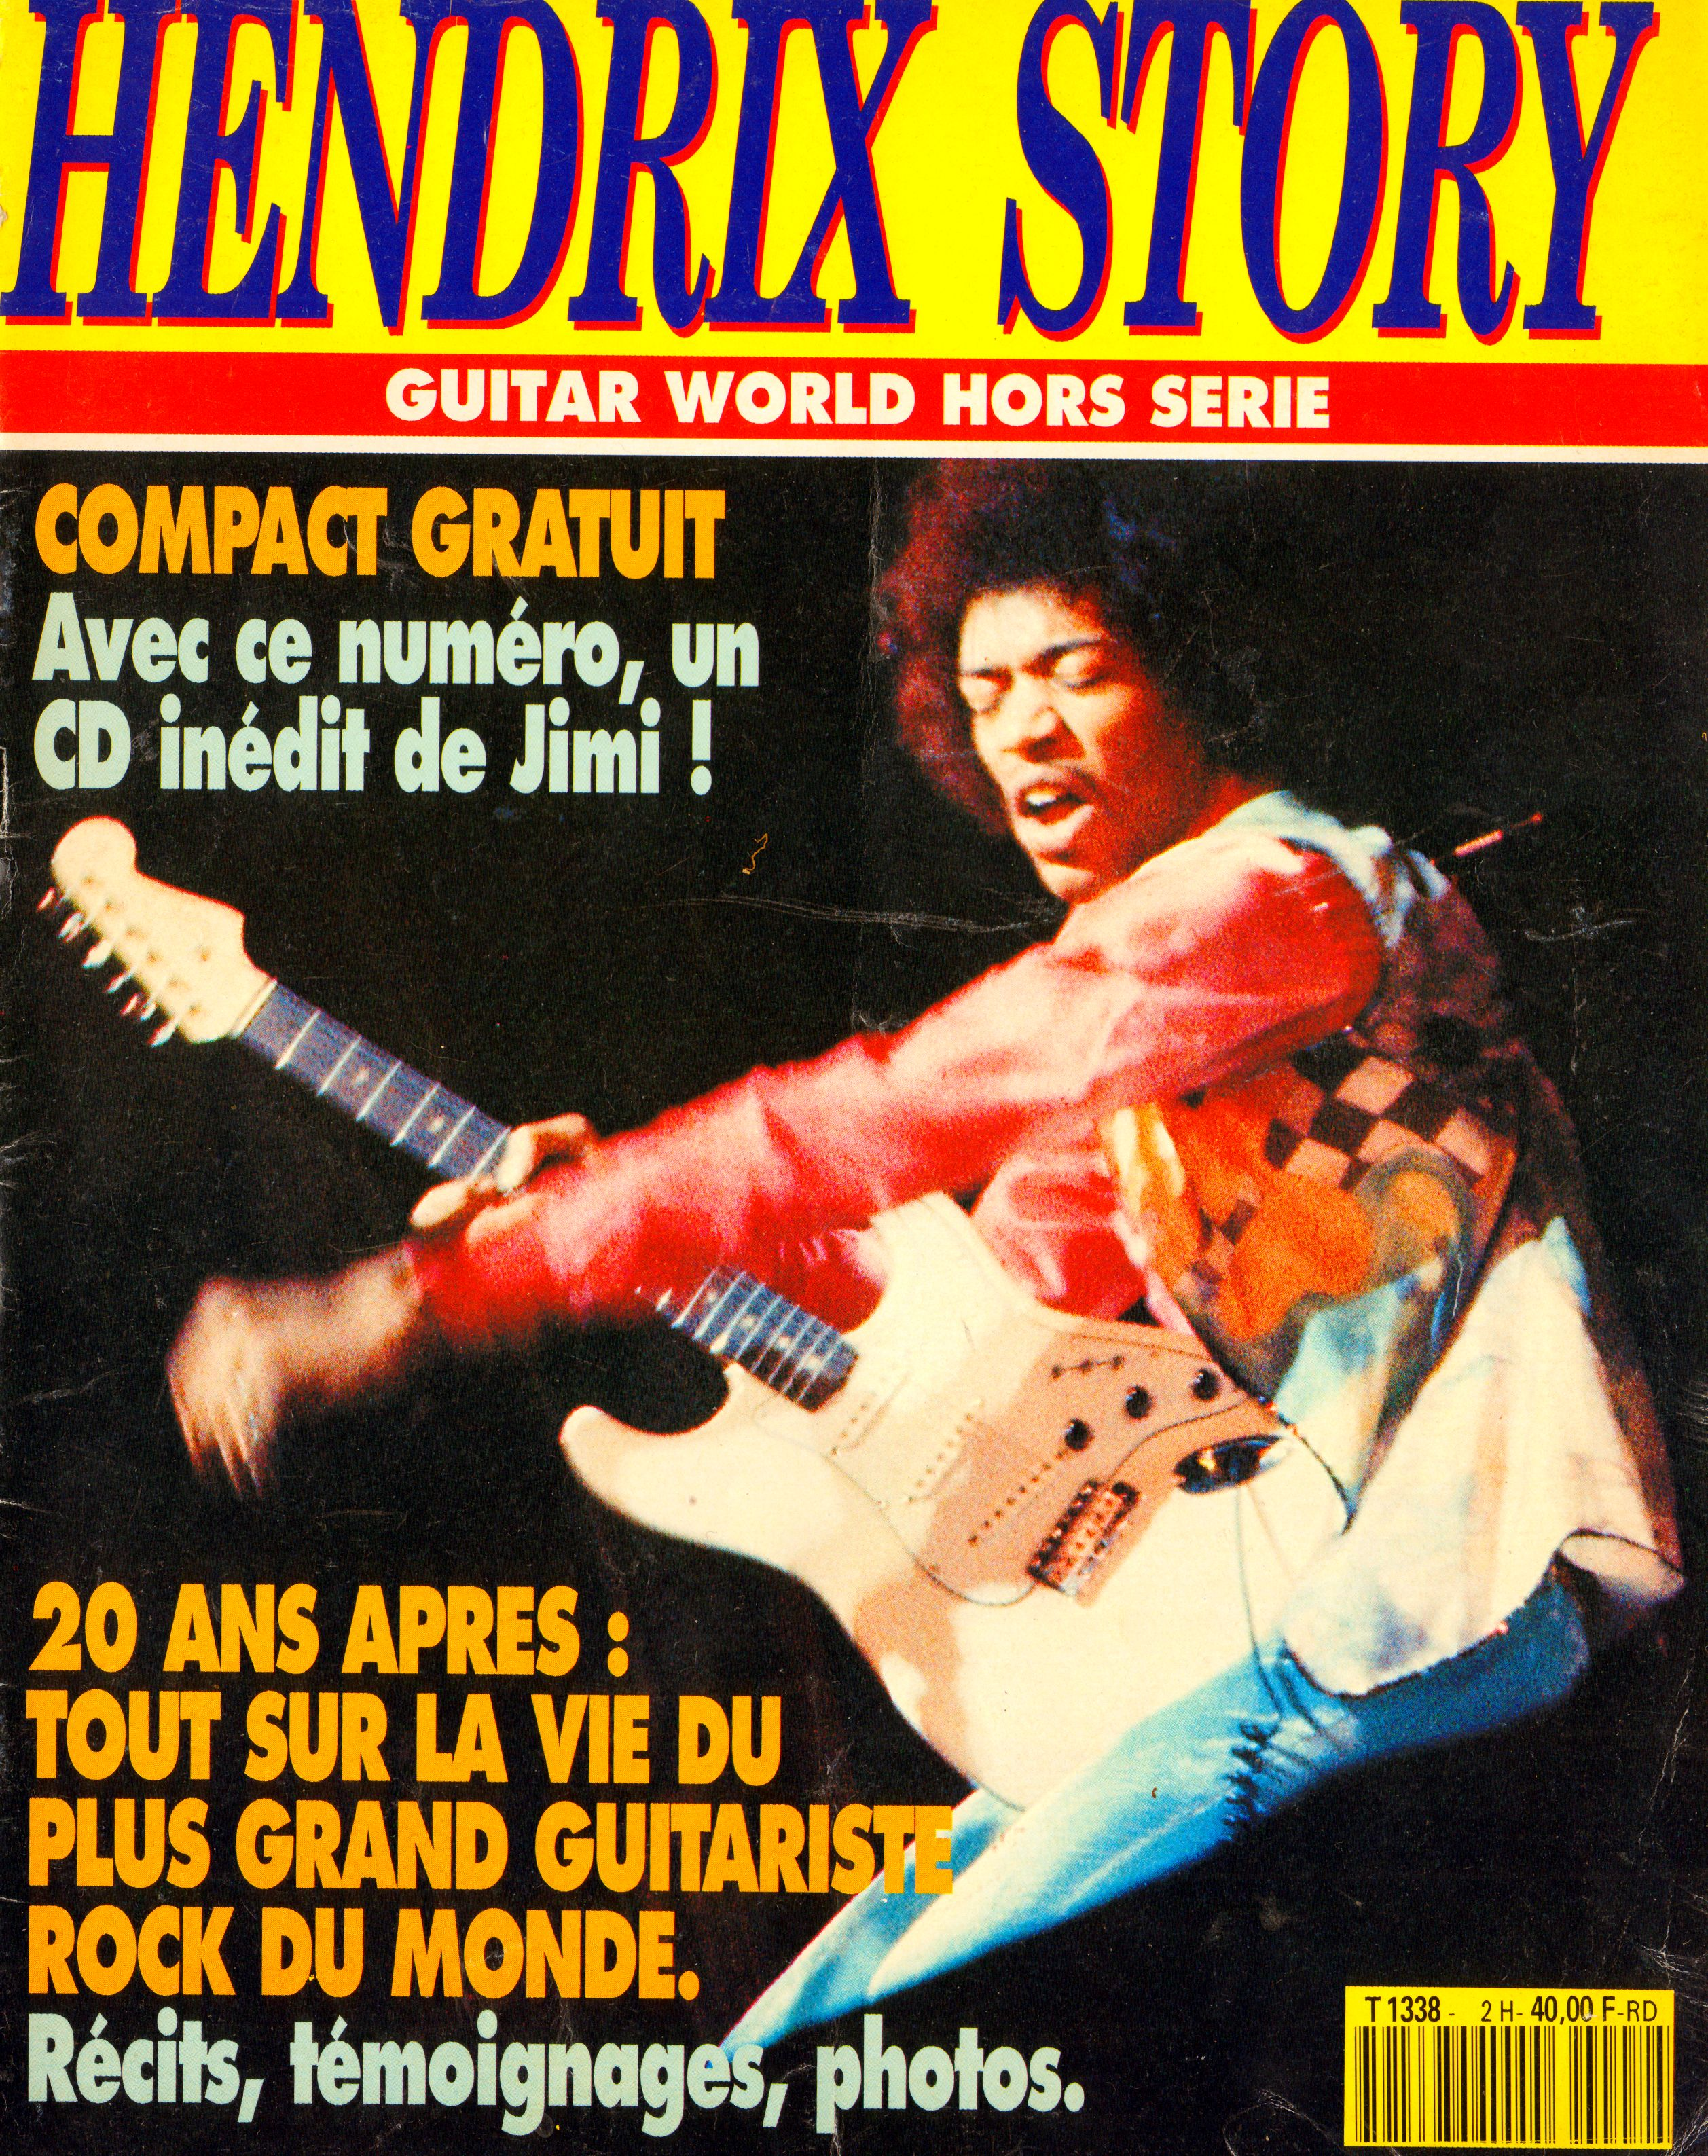 Magazines Français 1989 - 2014 GuitarWorldAvrilMaiJuin1990Couverture